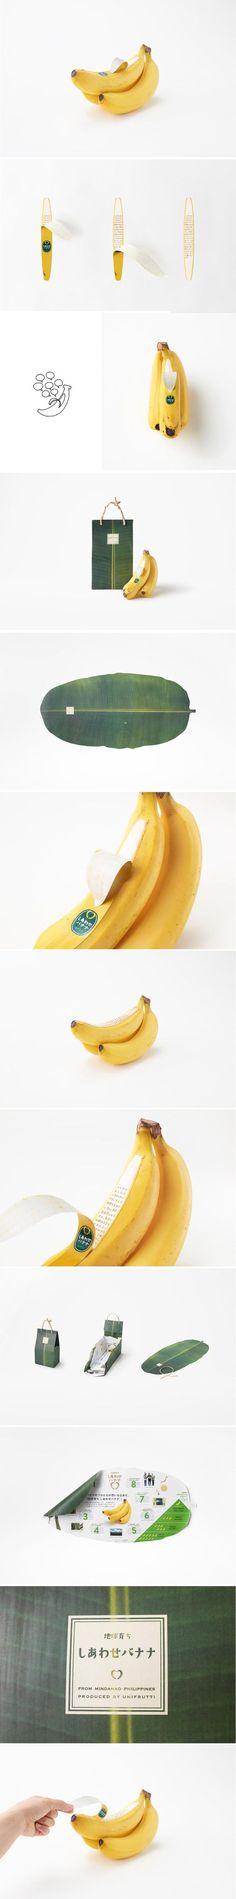 Shiawase Banana Packaging Design: